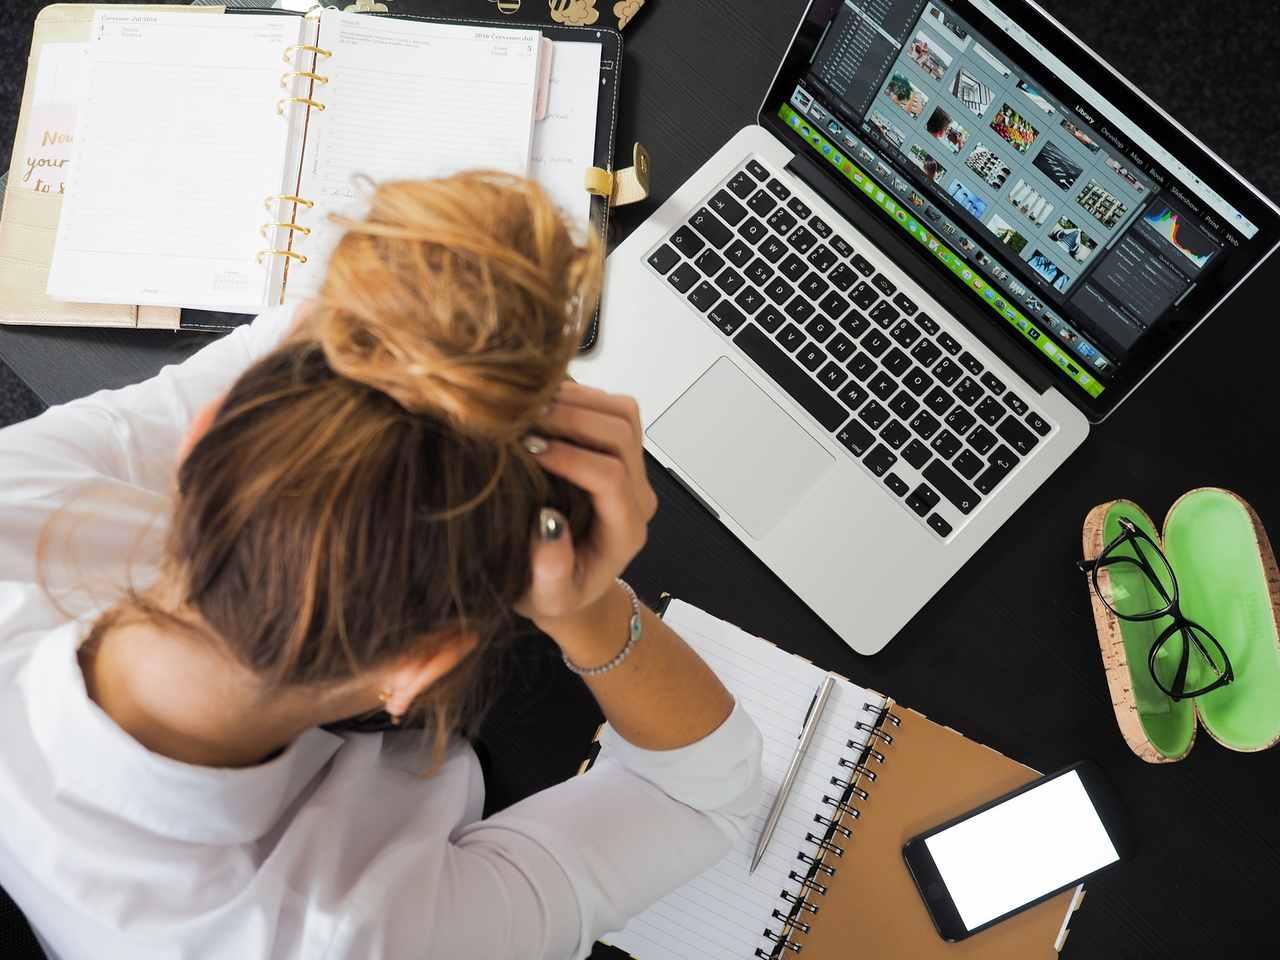 Como Manter a Calma em Situações Estressantes? Conheça 5 Técnicas